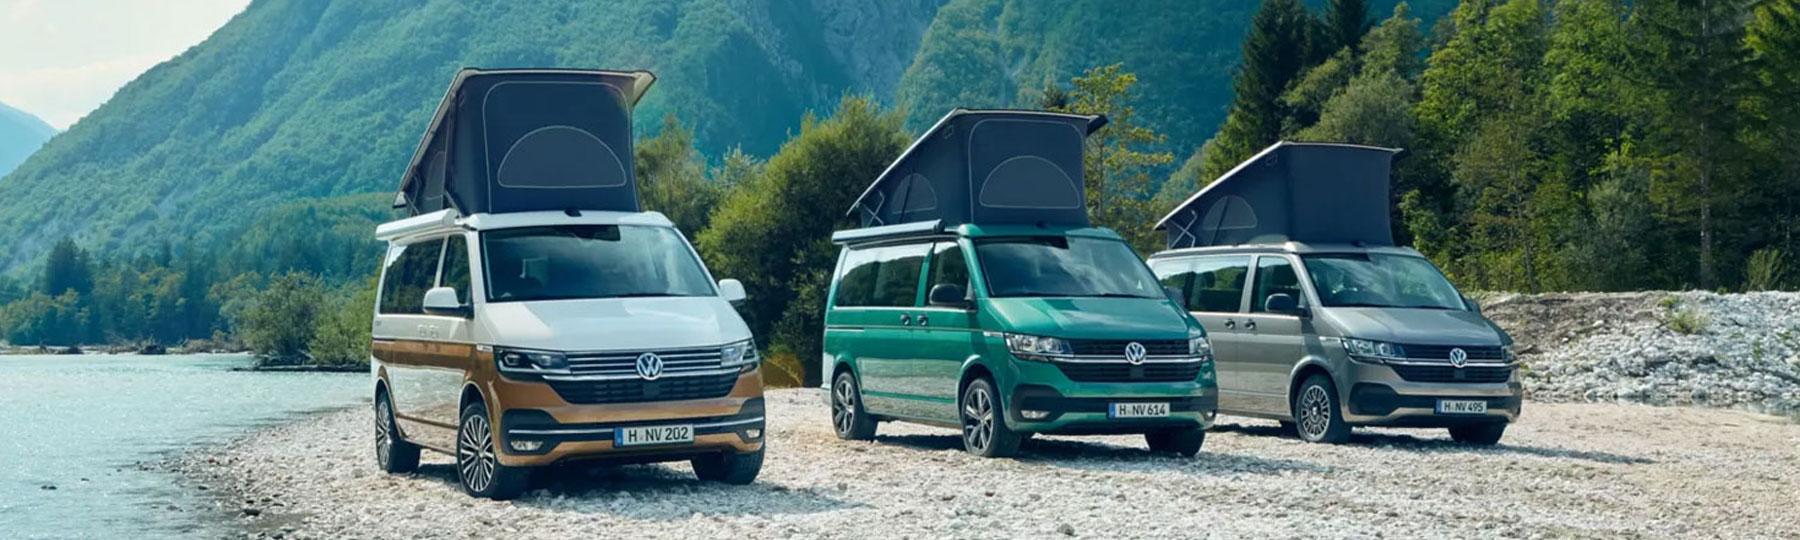 Volkswagen California 6.1 New Van Offer